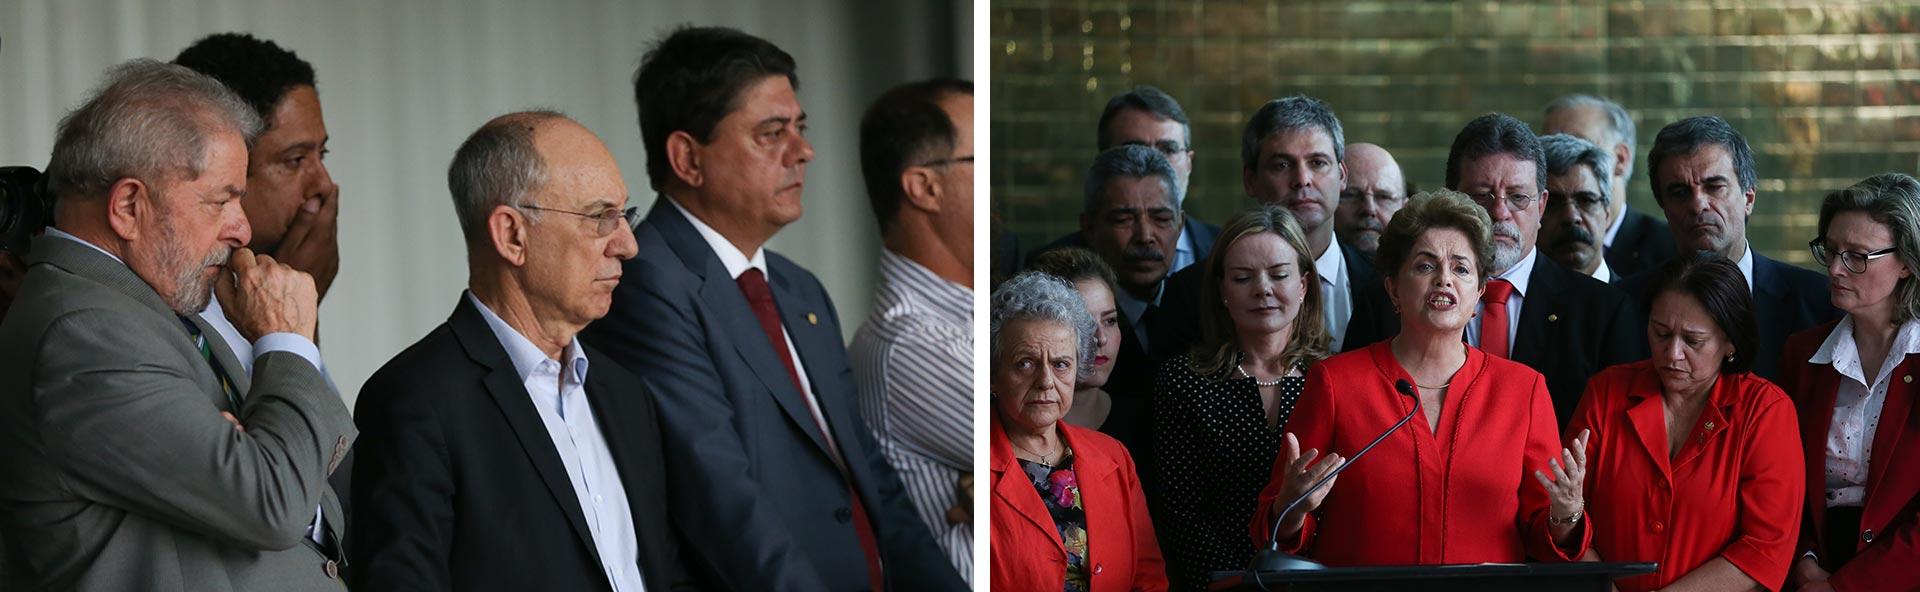 historia_politica_brasil_4_caja